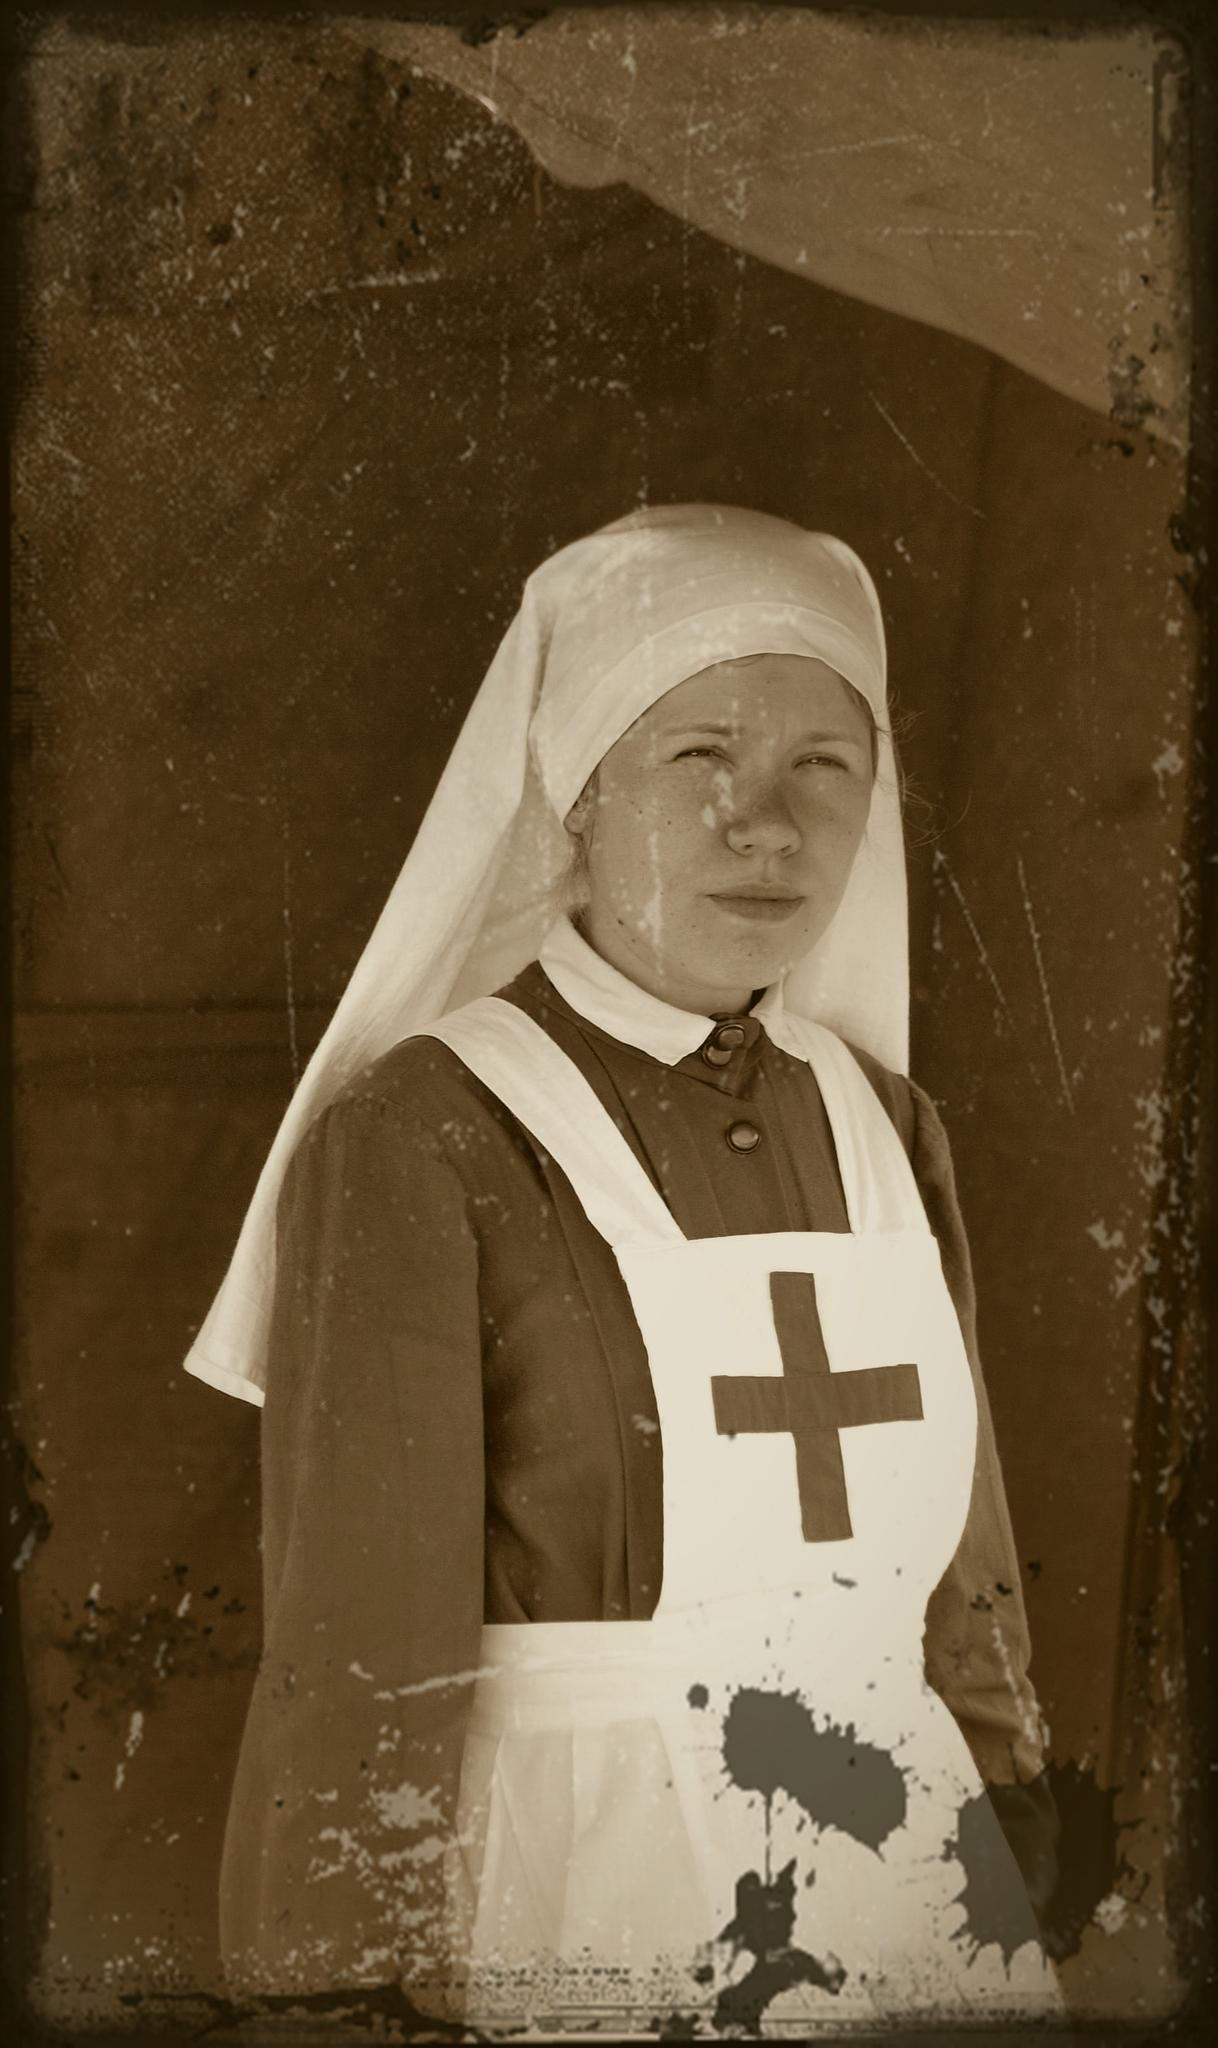 Медсестра. Фотография Малец Михаила Георгиевича